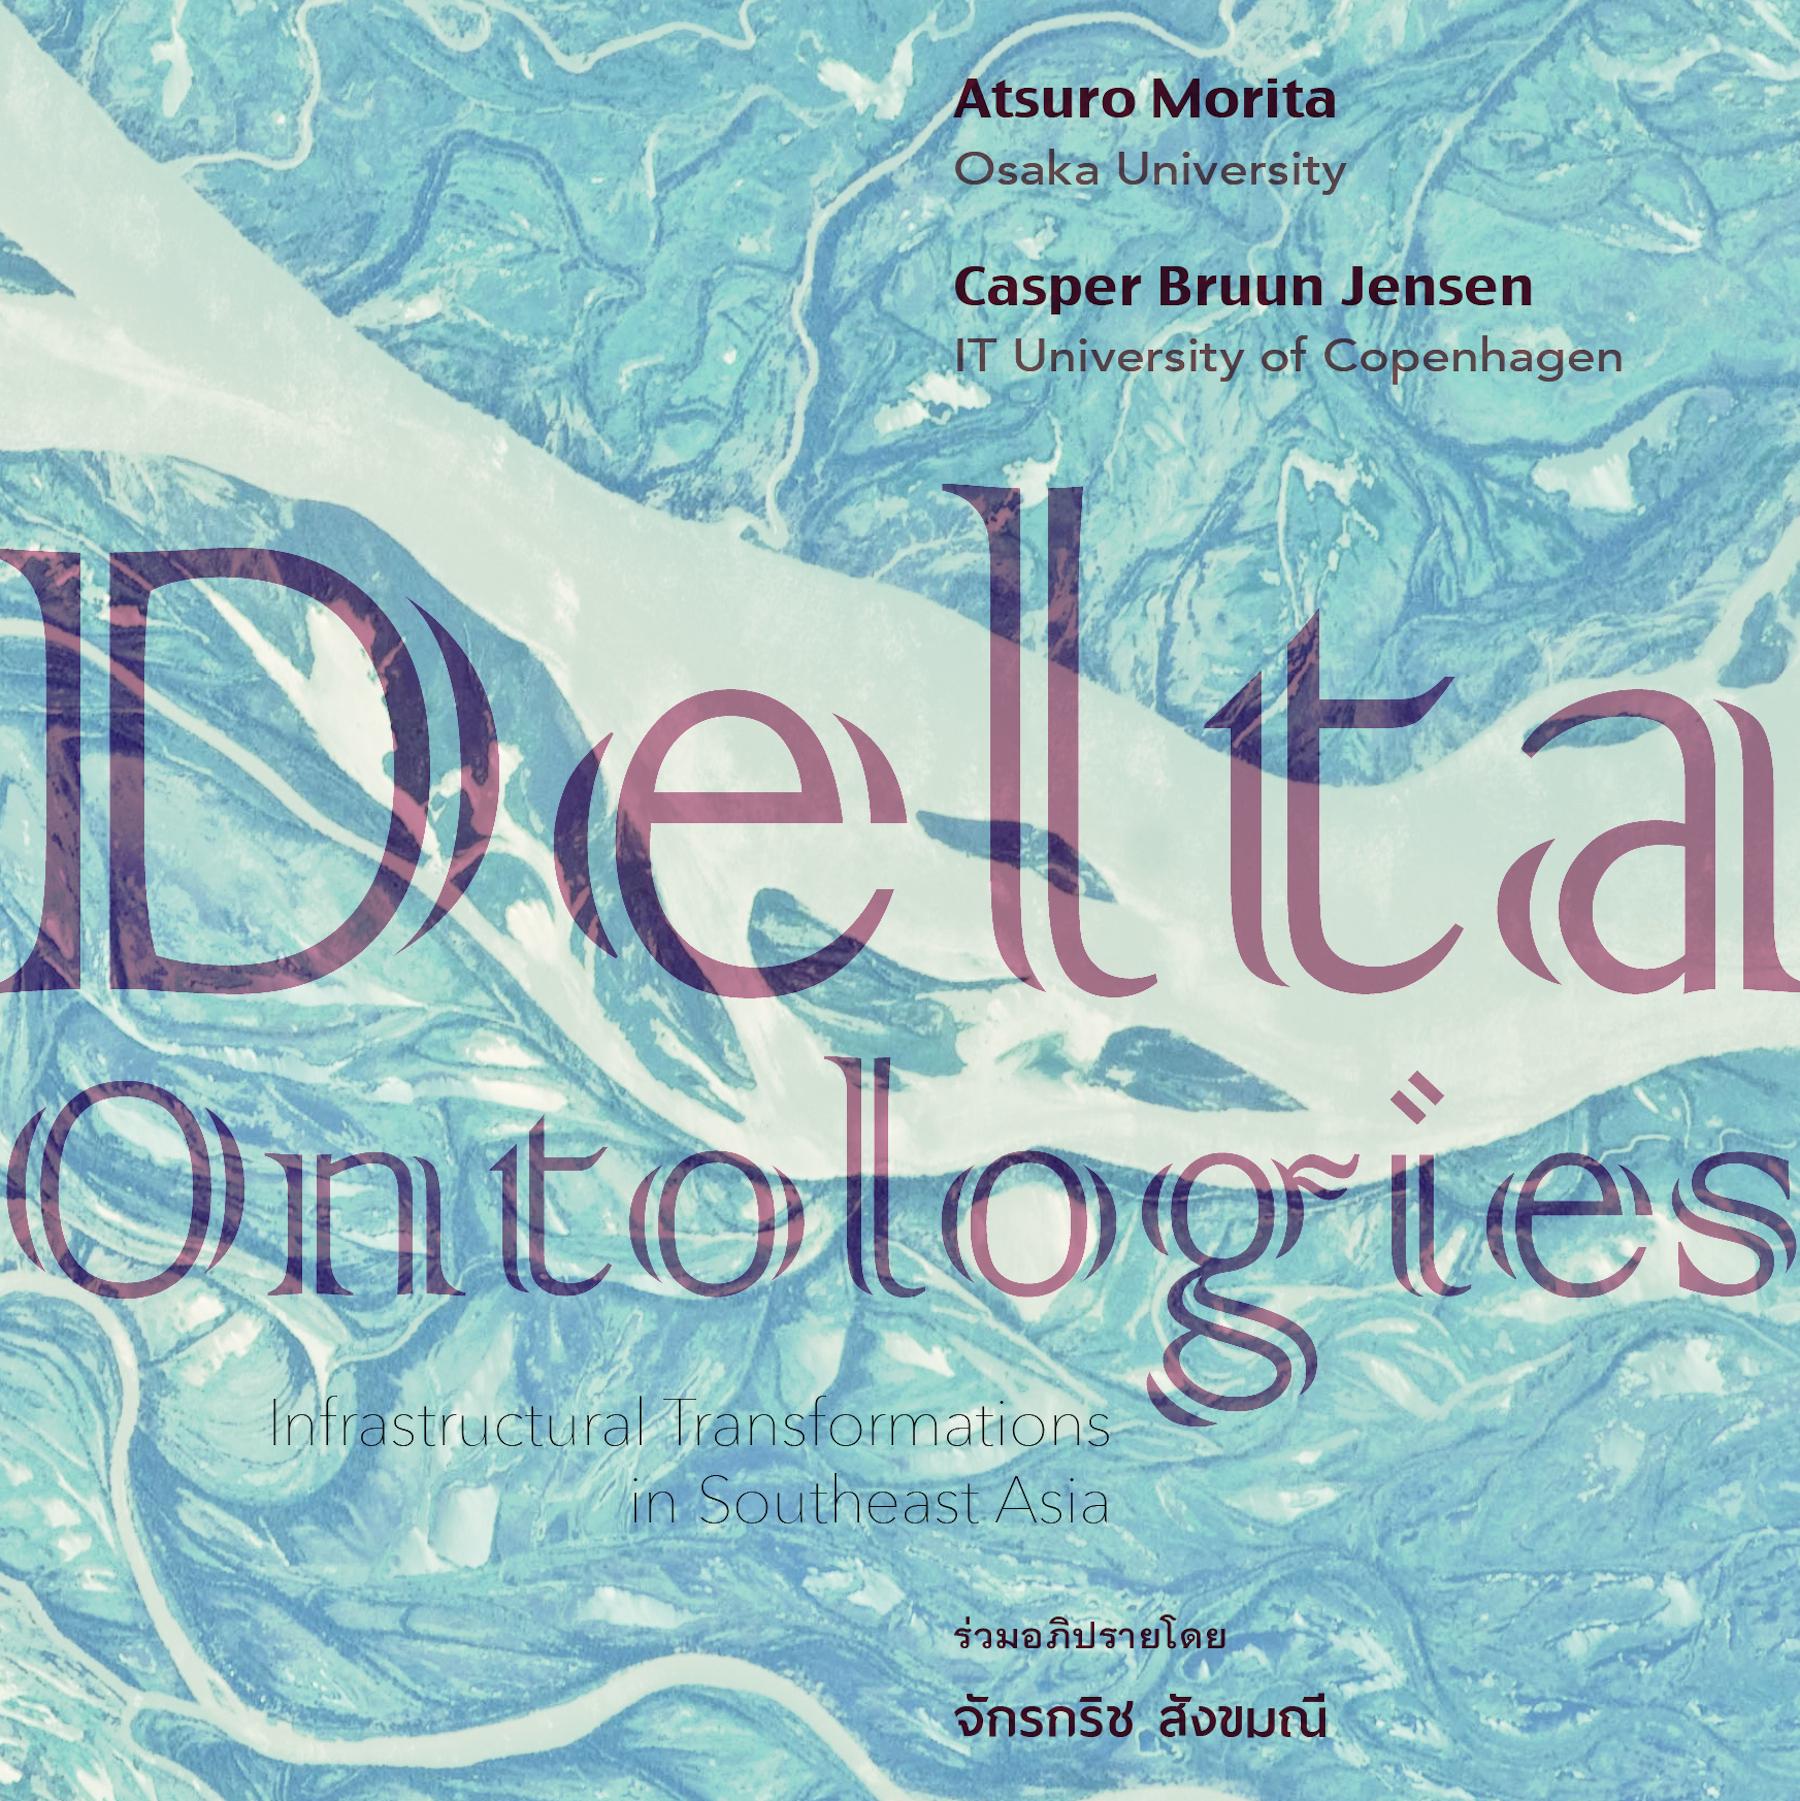 delta ontologies thumb